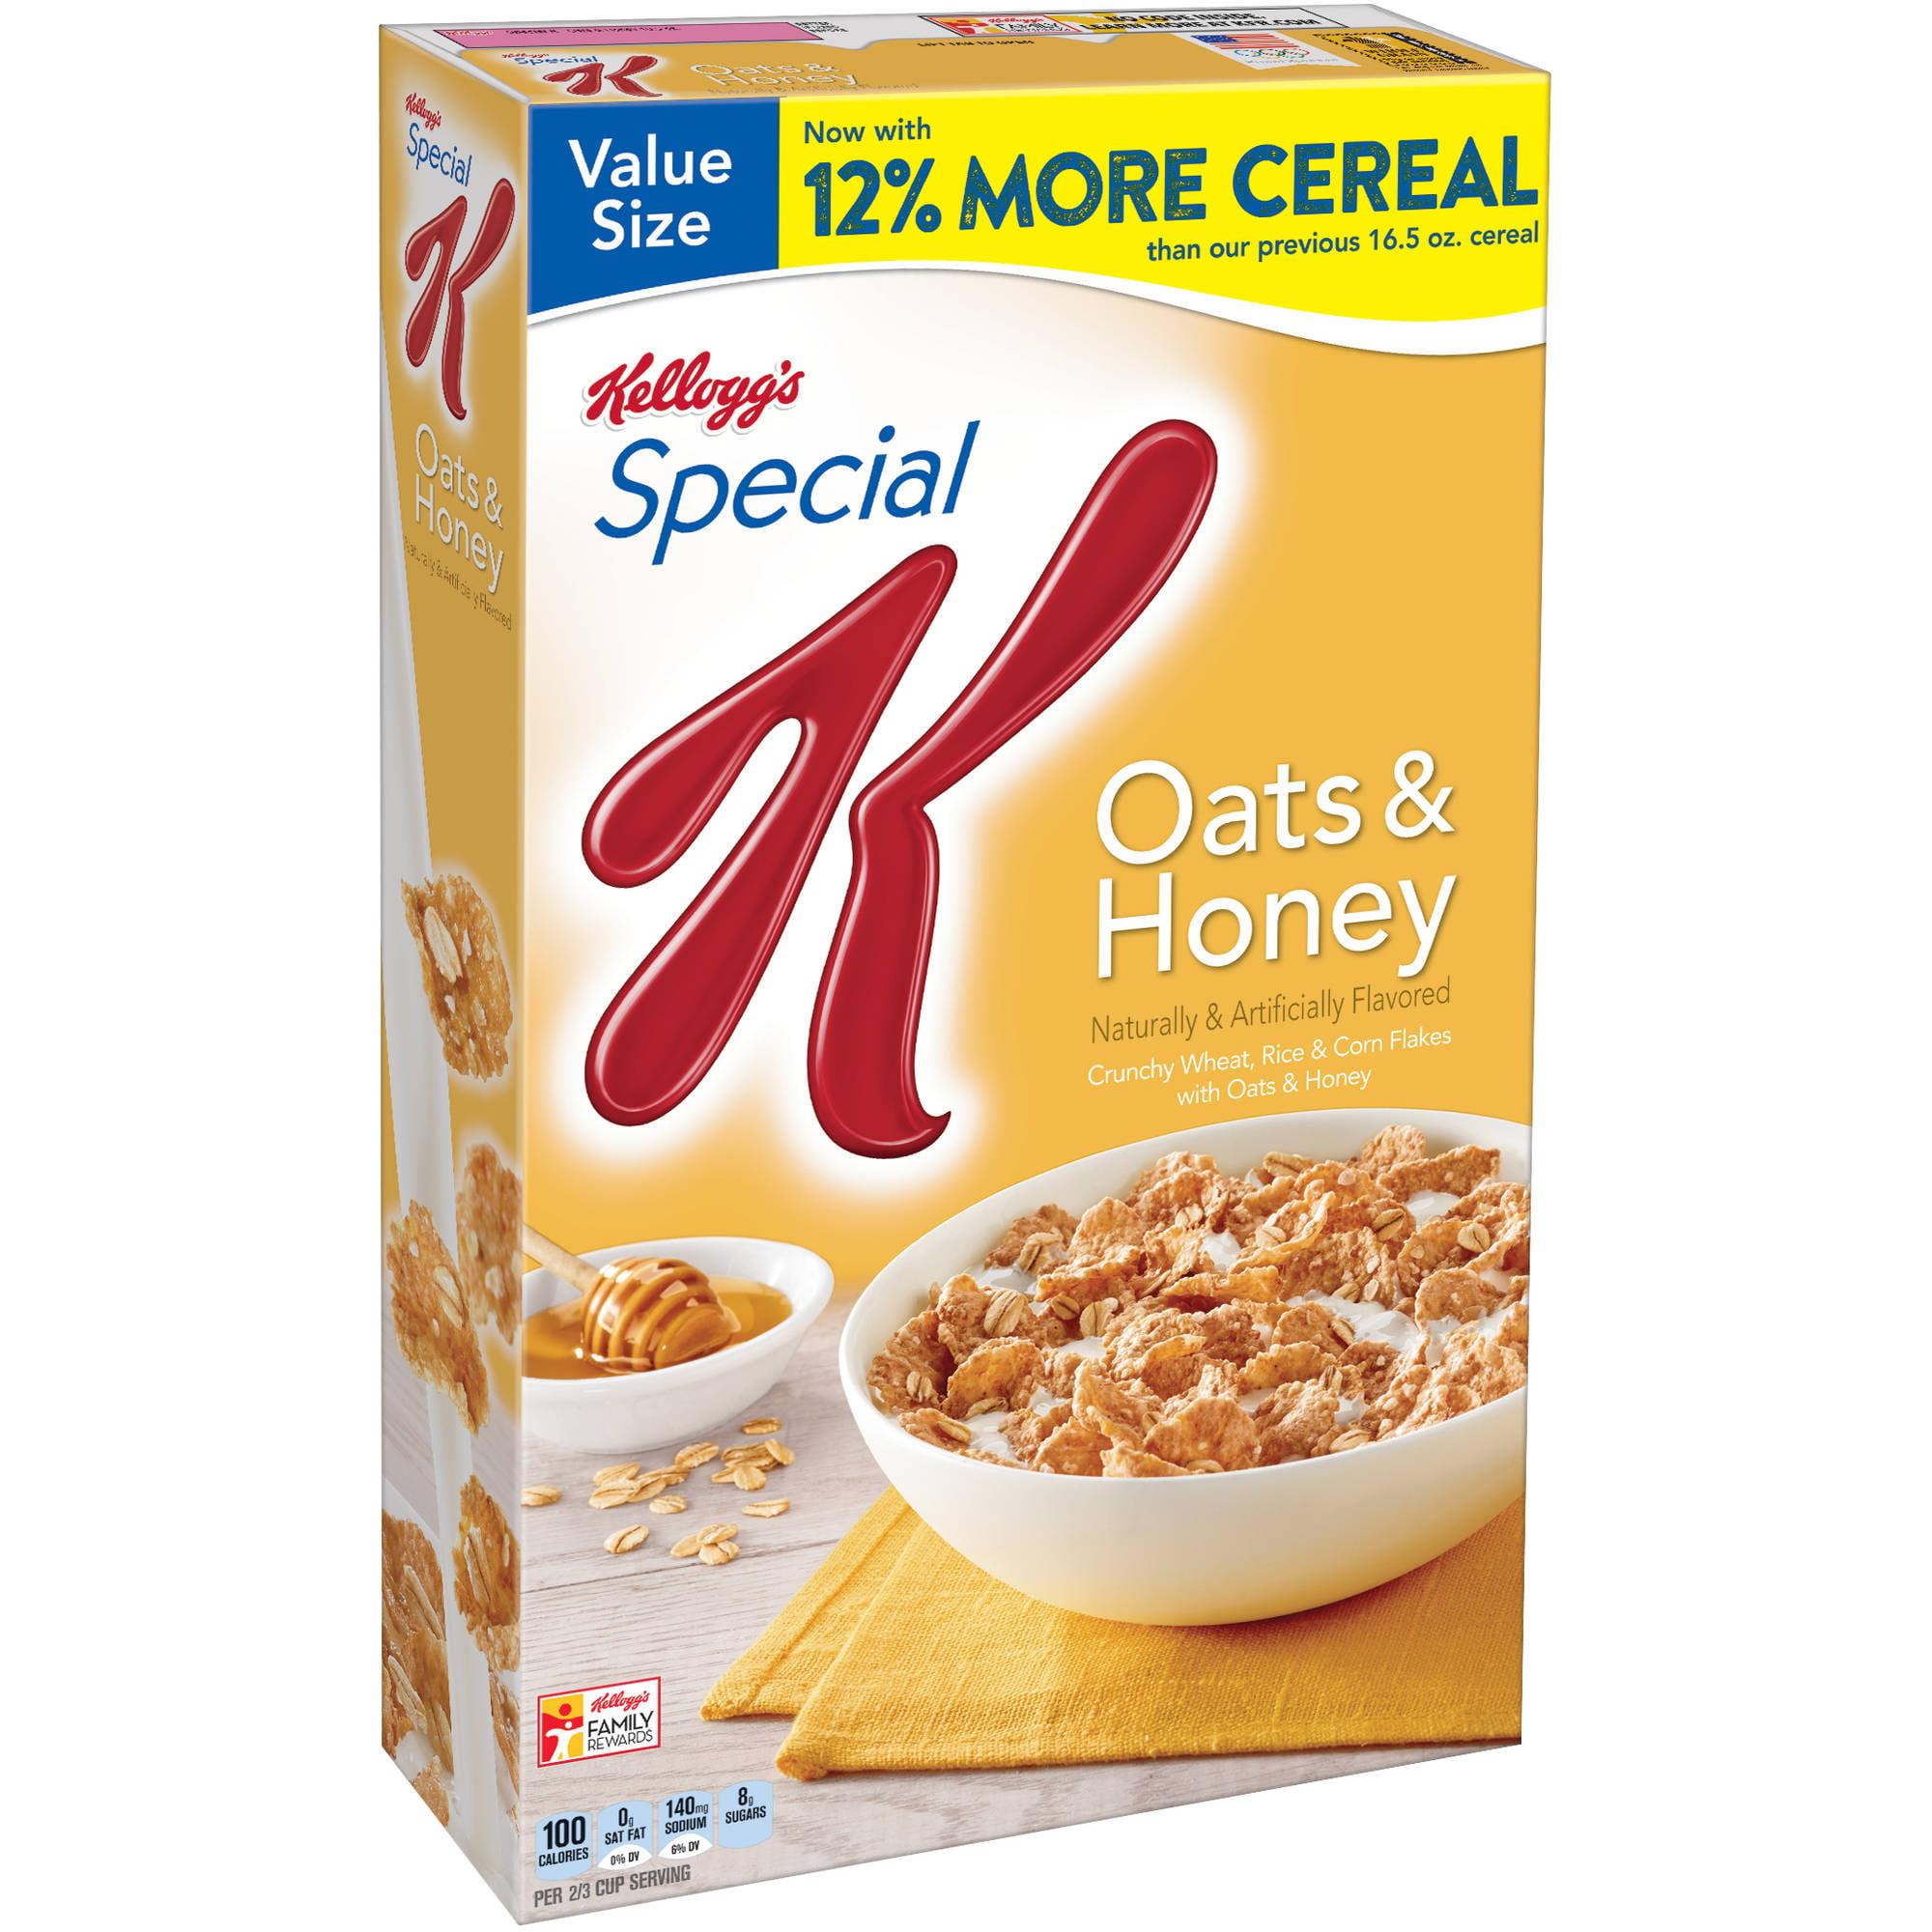 Kellogg's Special K Oats & Honey Cereal, 18.5 ounce box